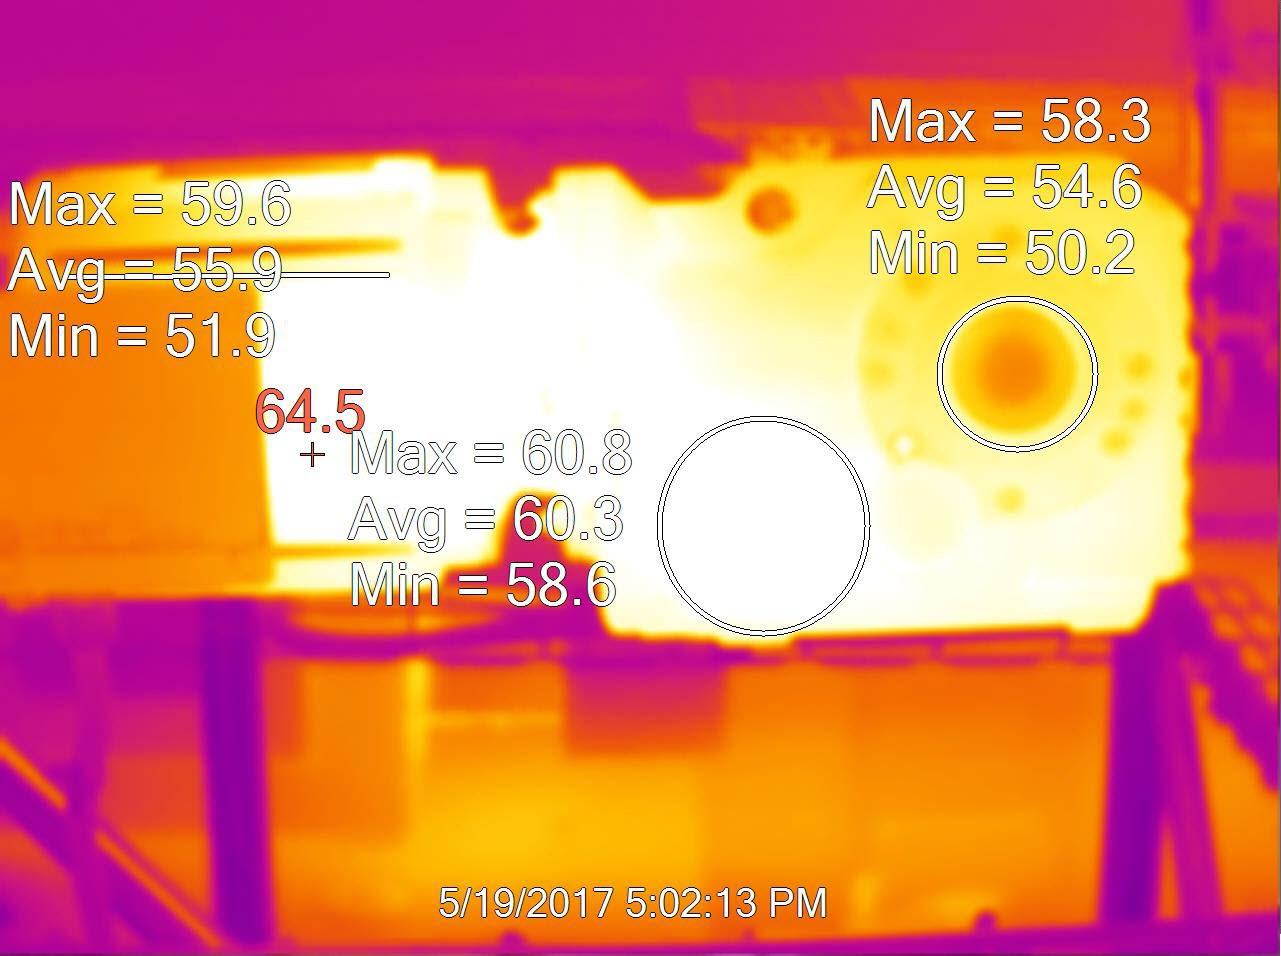 ตรวจเช็คเกียร์มอเตอร์ด้วยกล้องถ่ายภาพความร้อน